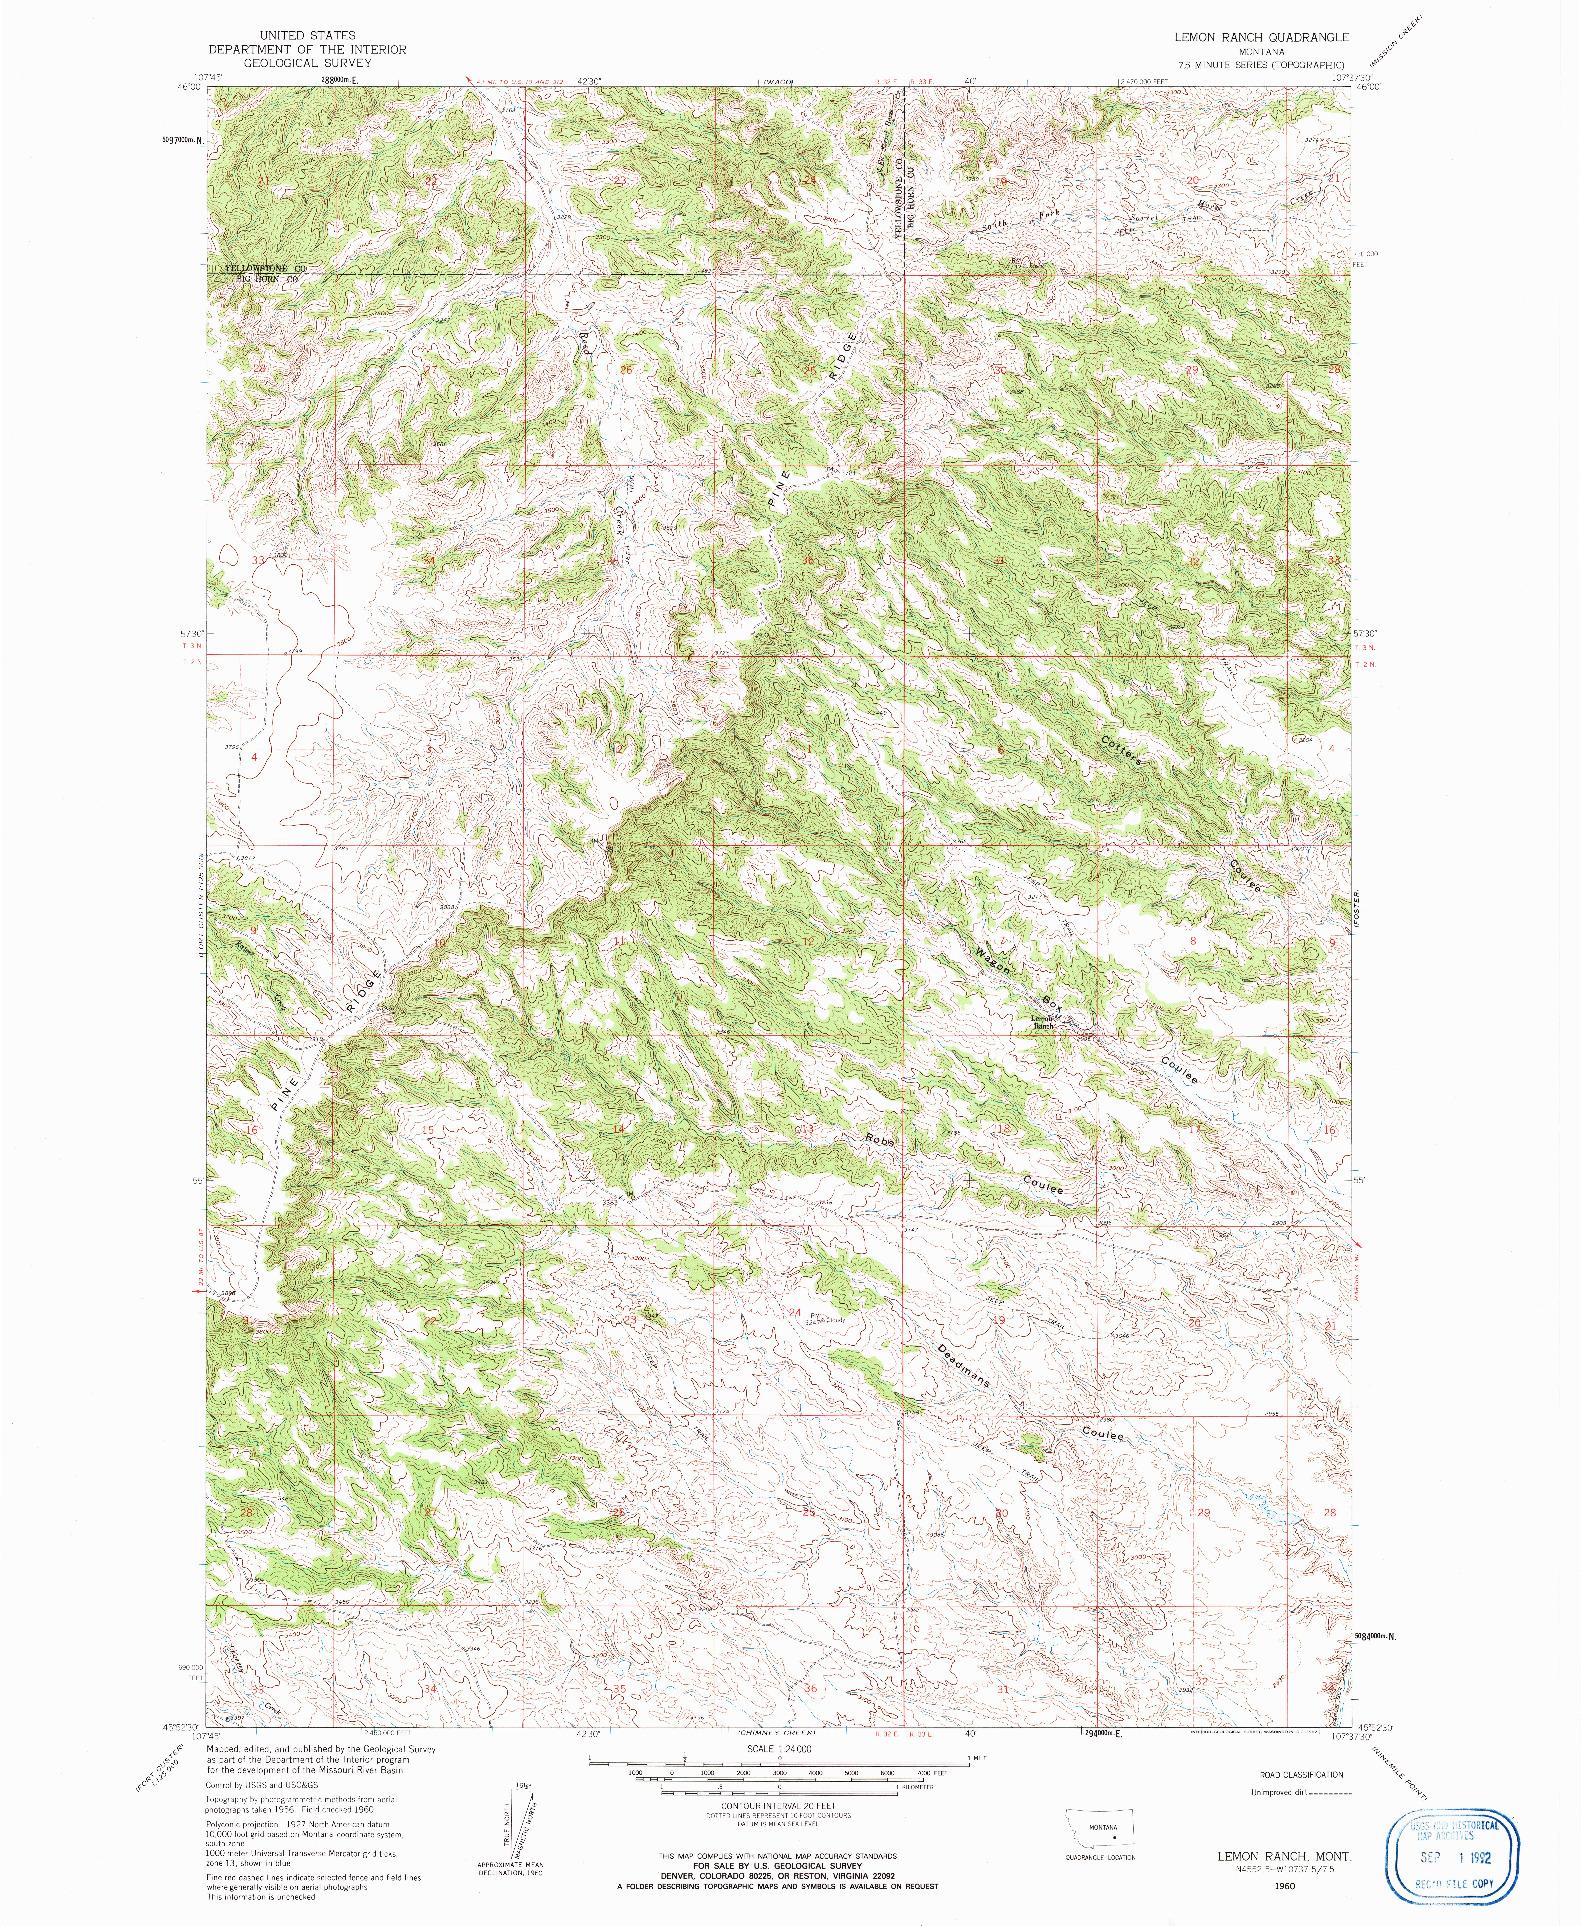 USGS 1:24000-SCALE QUADRANGLE FOR LEMON RANCH, MT 1960